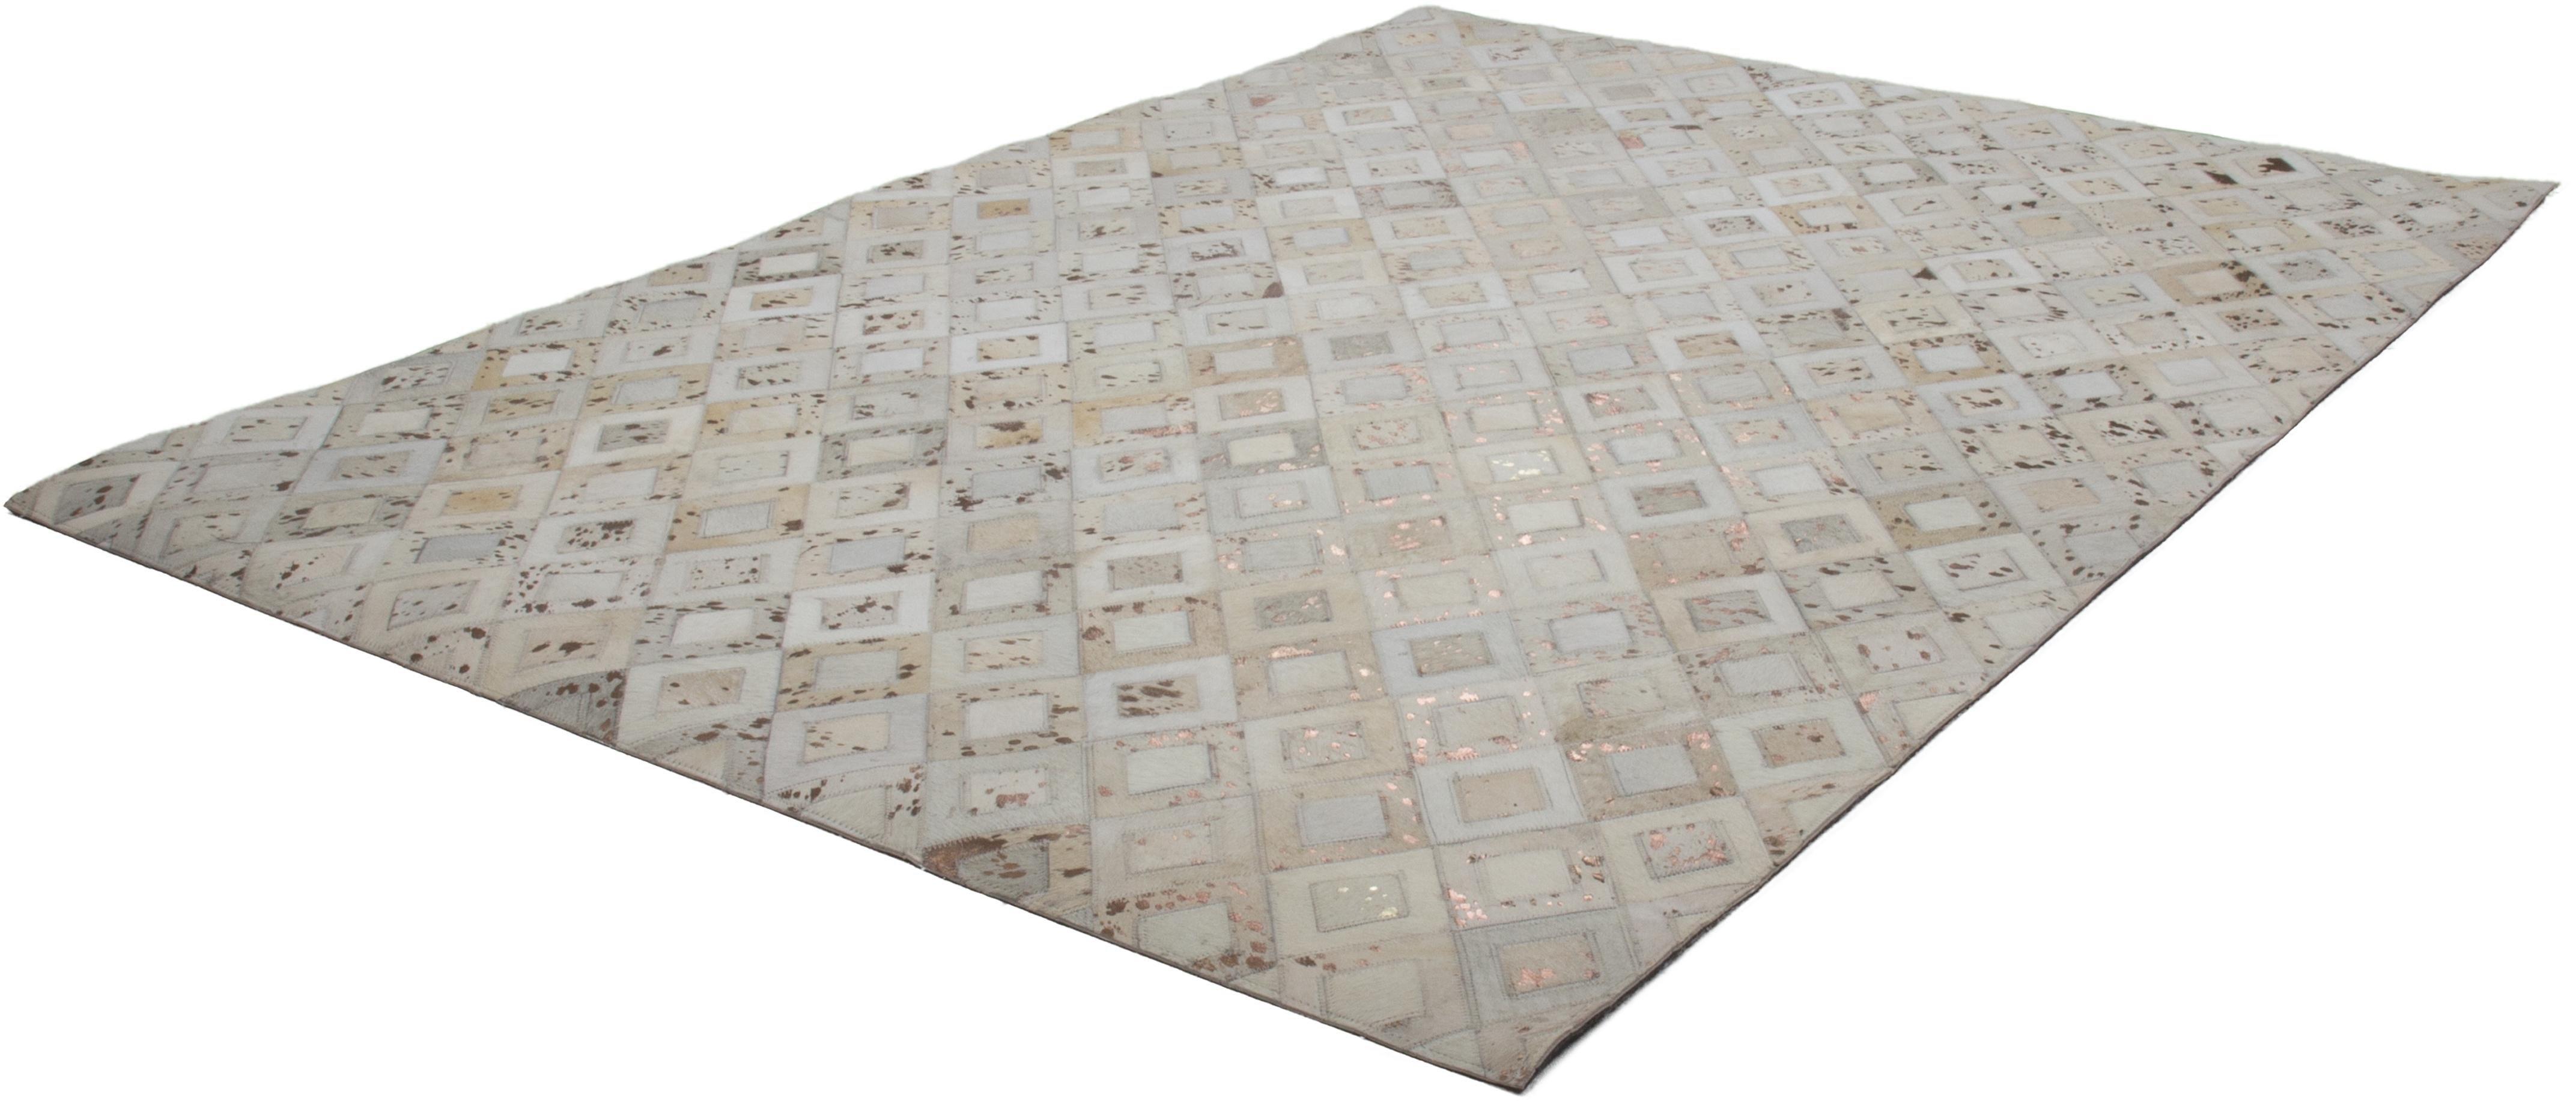 Kayoom leren vloerkleed Spark 110 Patchwork echt leer bont, woonkamer voordelig en veilig online kopen